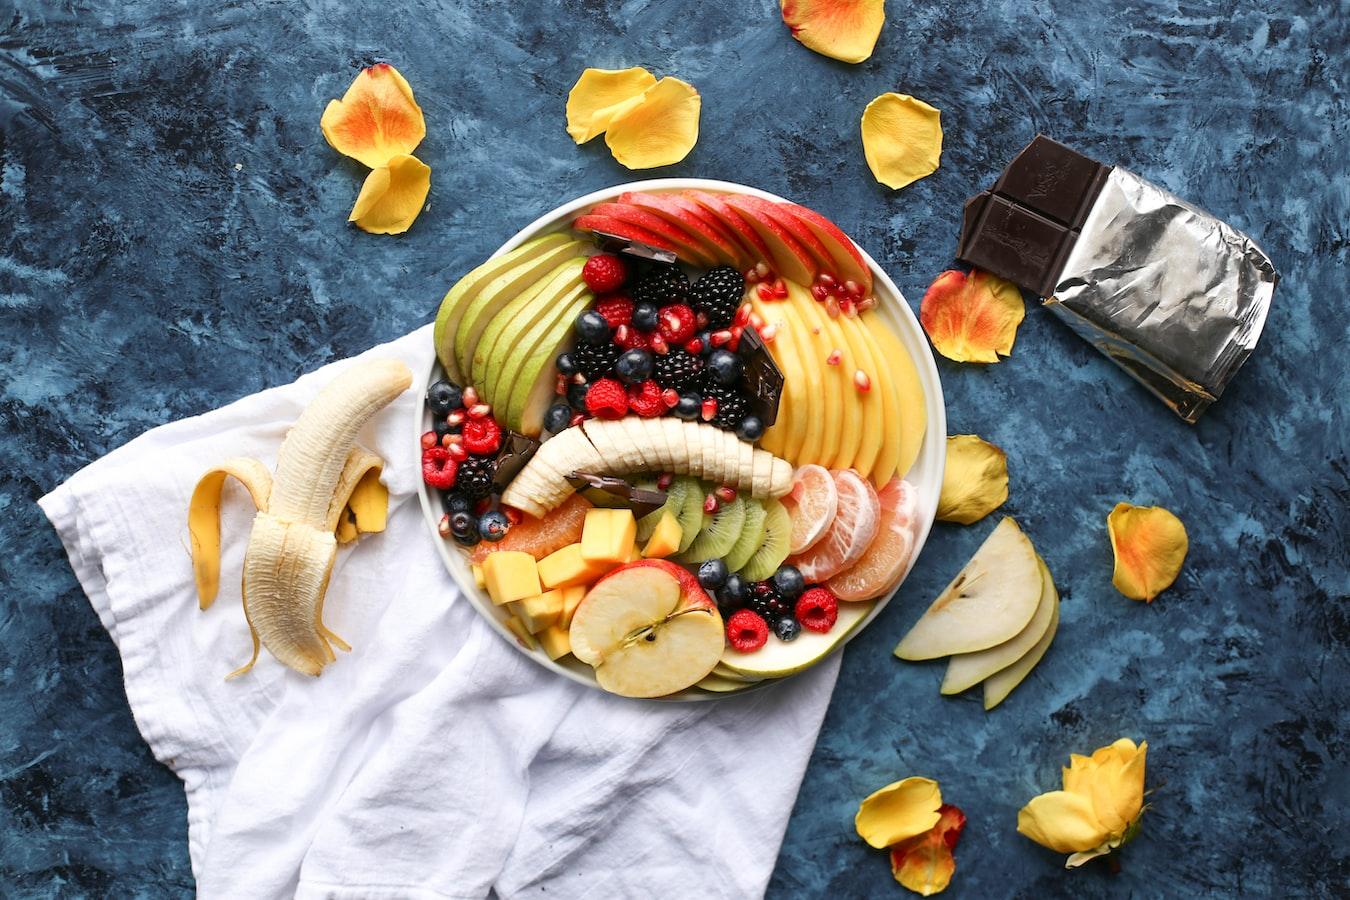 aufgeschnittenes Obst in einer großen Schale auf einem Tuch vor schieferfarbenem Hintergrund neben einer angebrochenen Tafel Schokolade und Blütenblättern